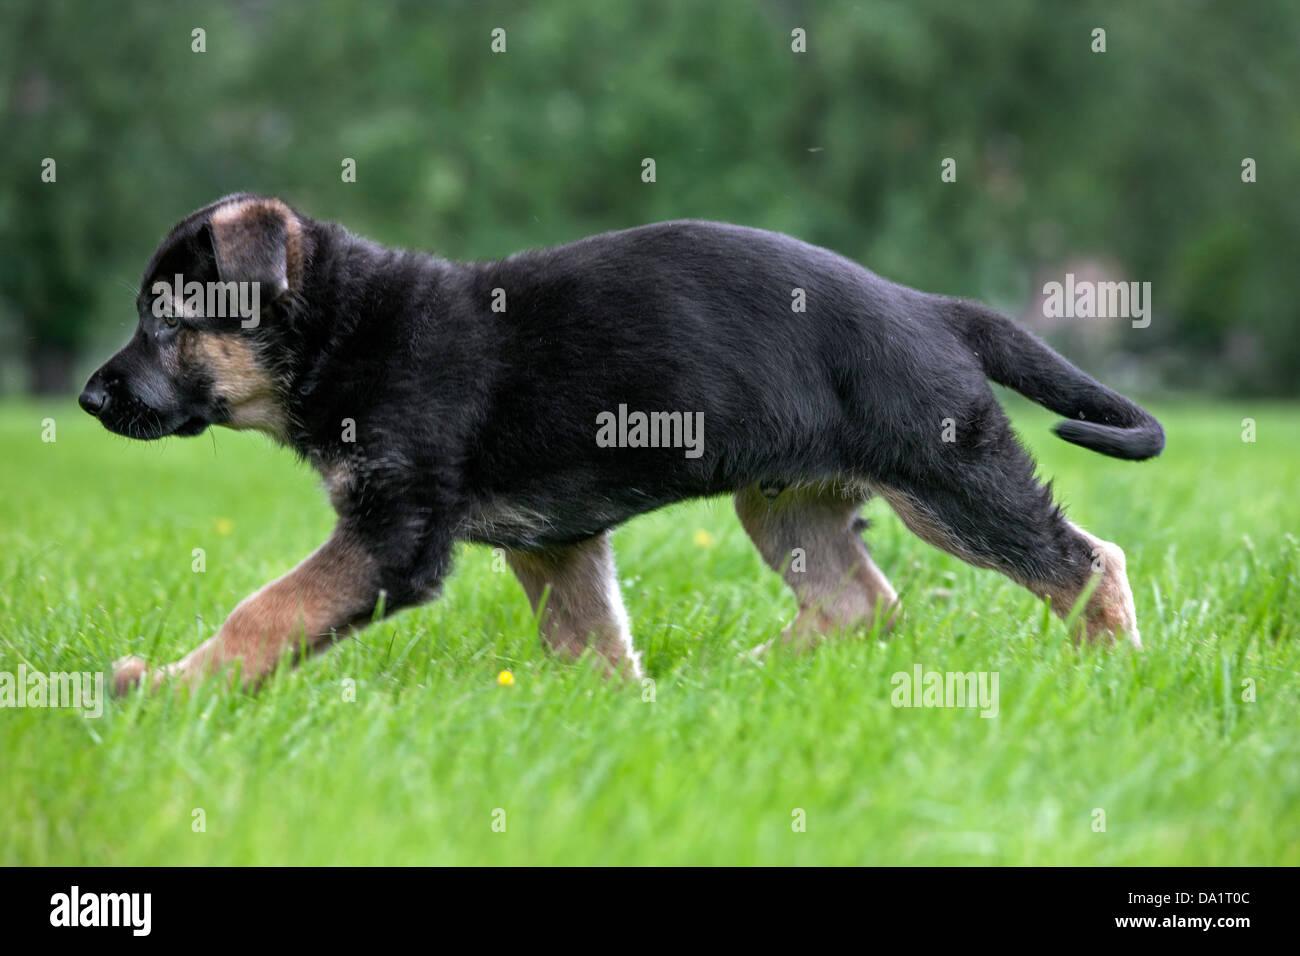 Alsatian / German shepherd dog (Canis lupus familiaris) puppy running in garden - Stock Image